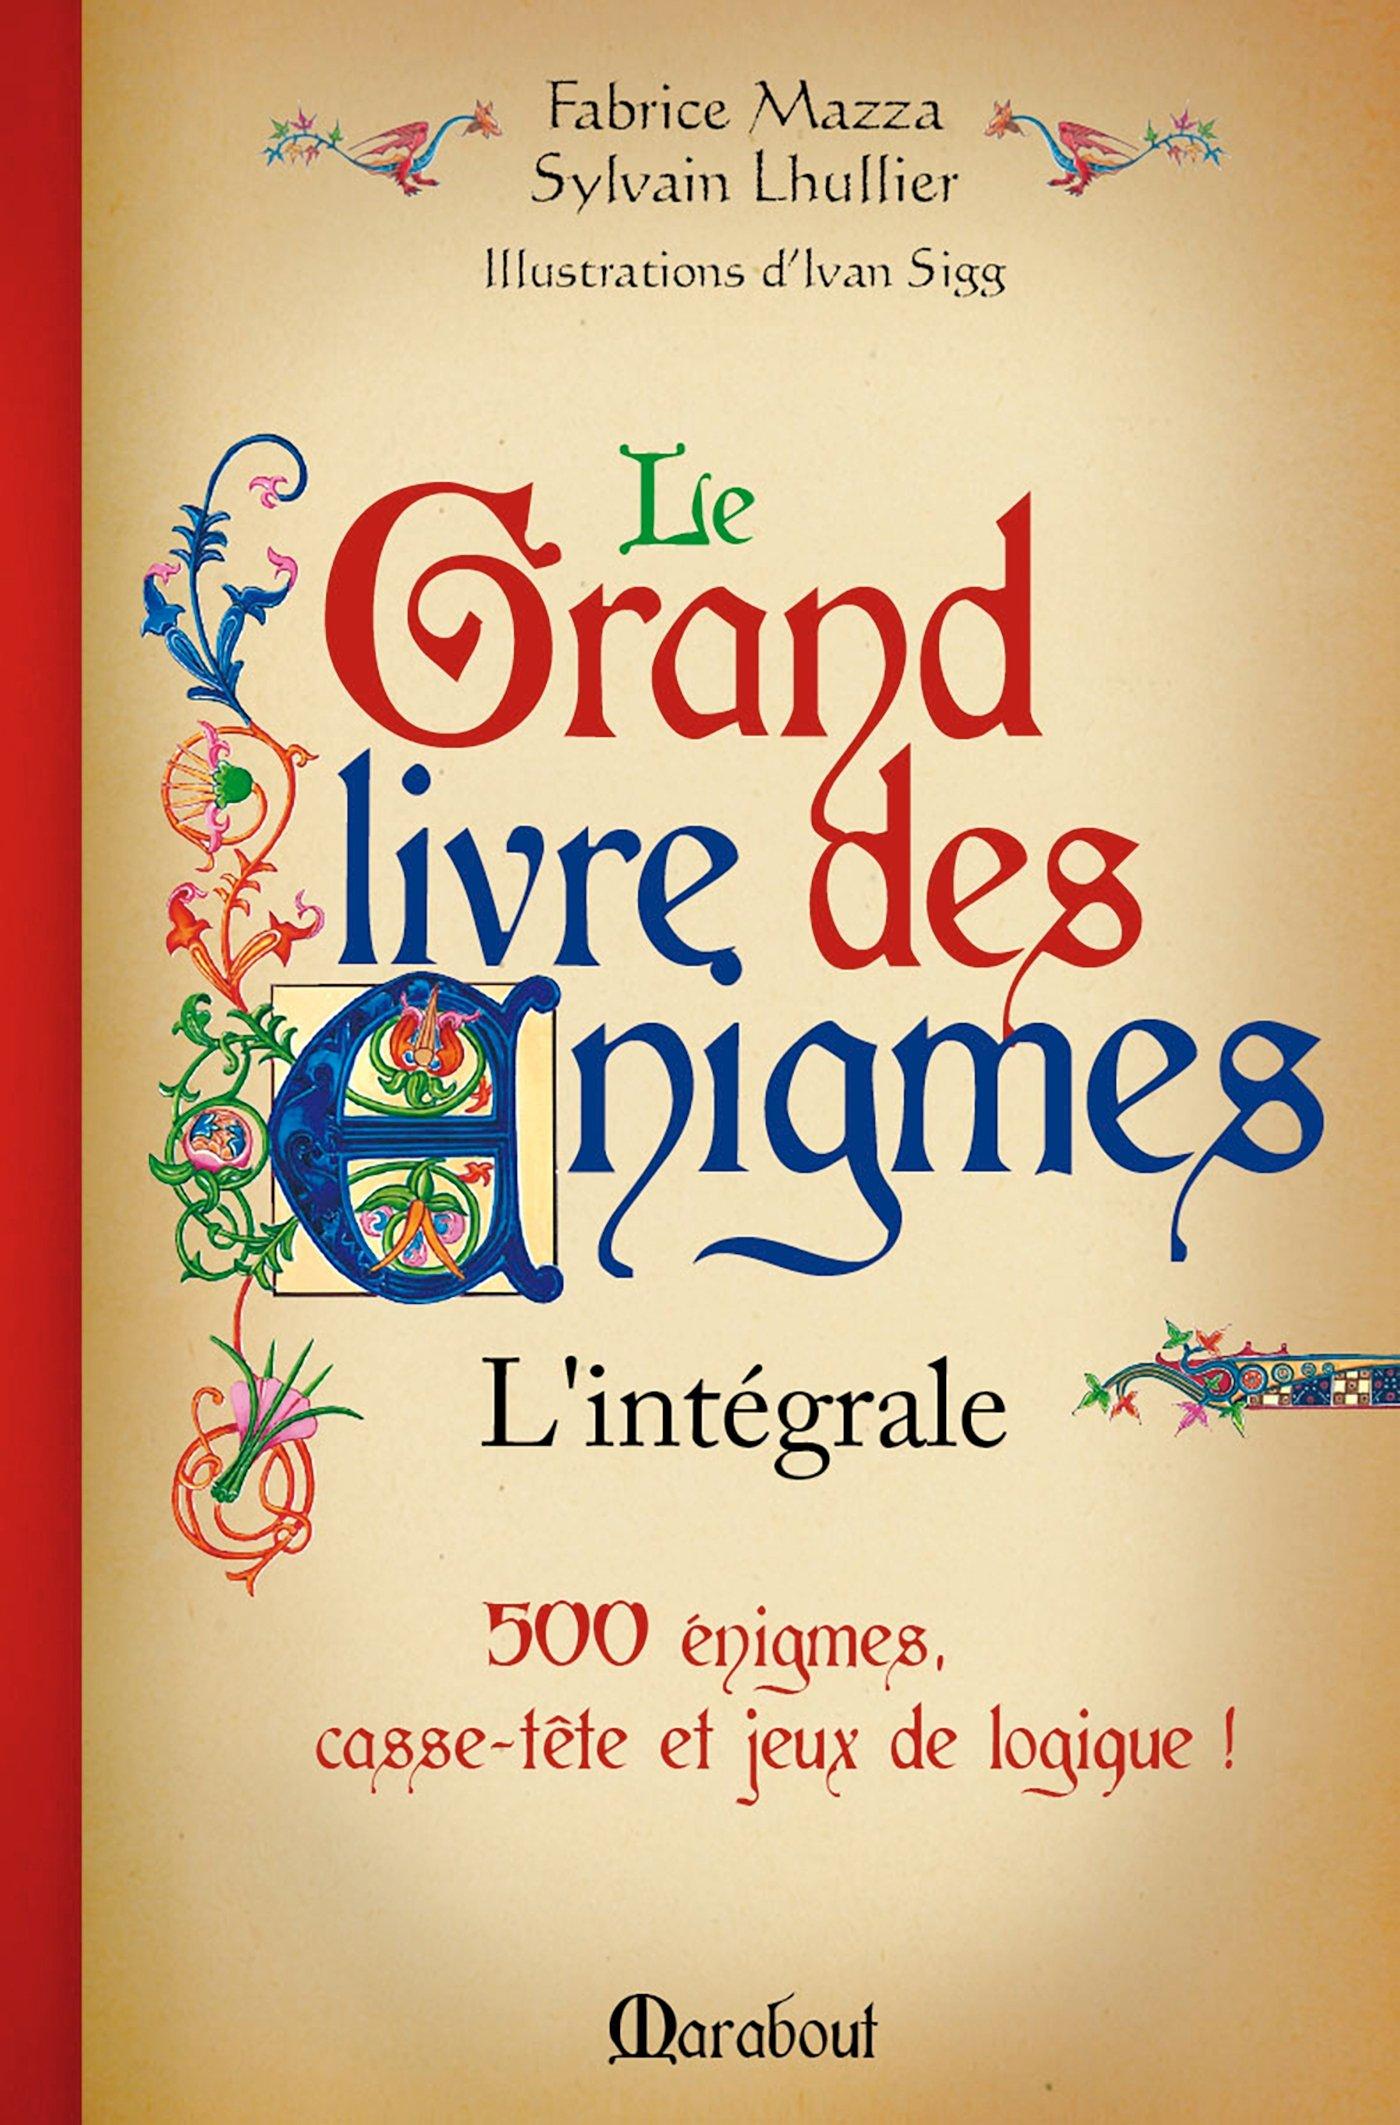 Le grand livre des énigmes : L'intégrale Relié – 7 octobre 2015 Sylvain Lhullier Fabrice Mazza Marabout 250110532X